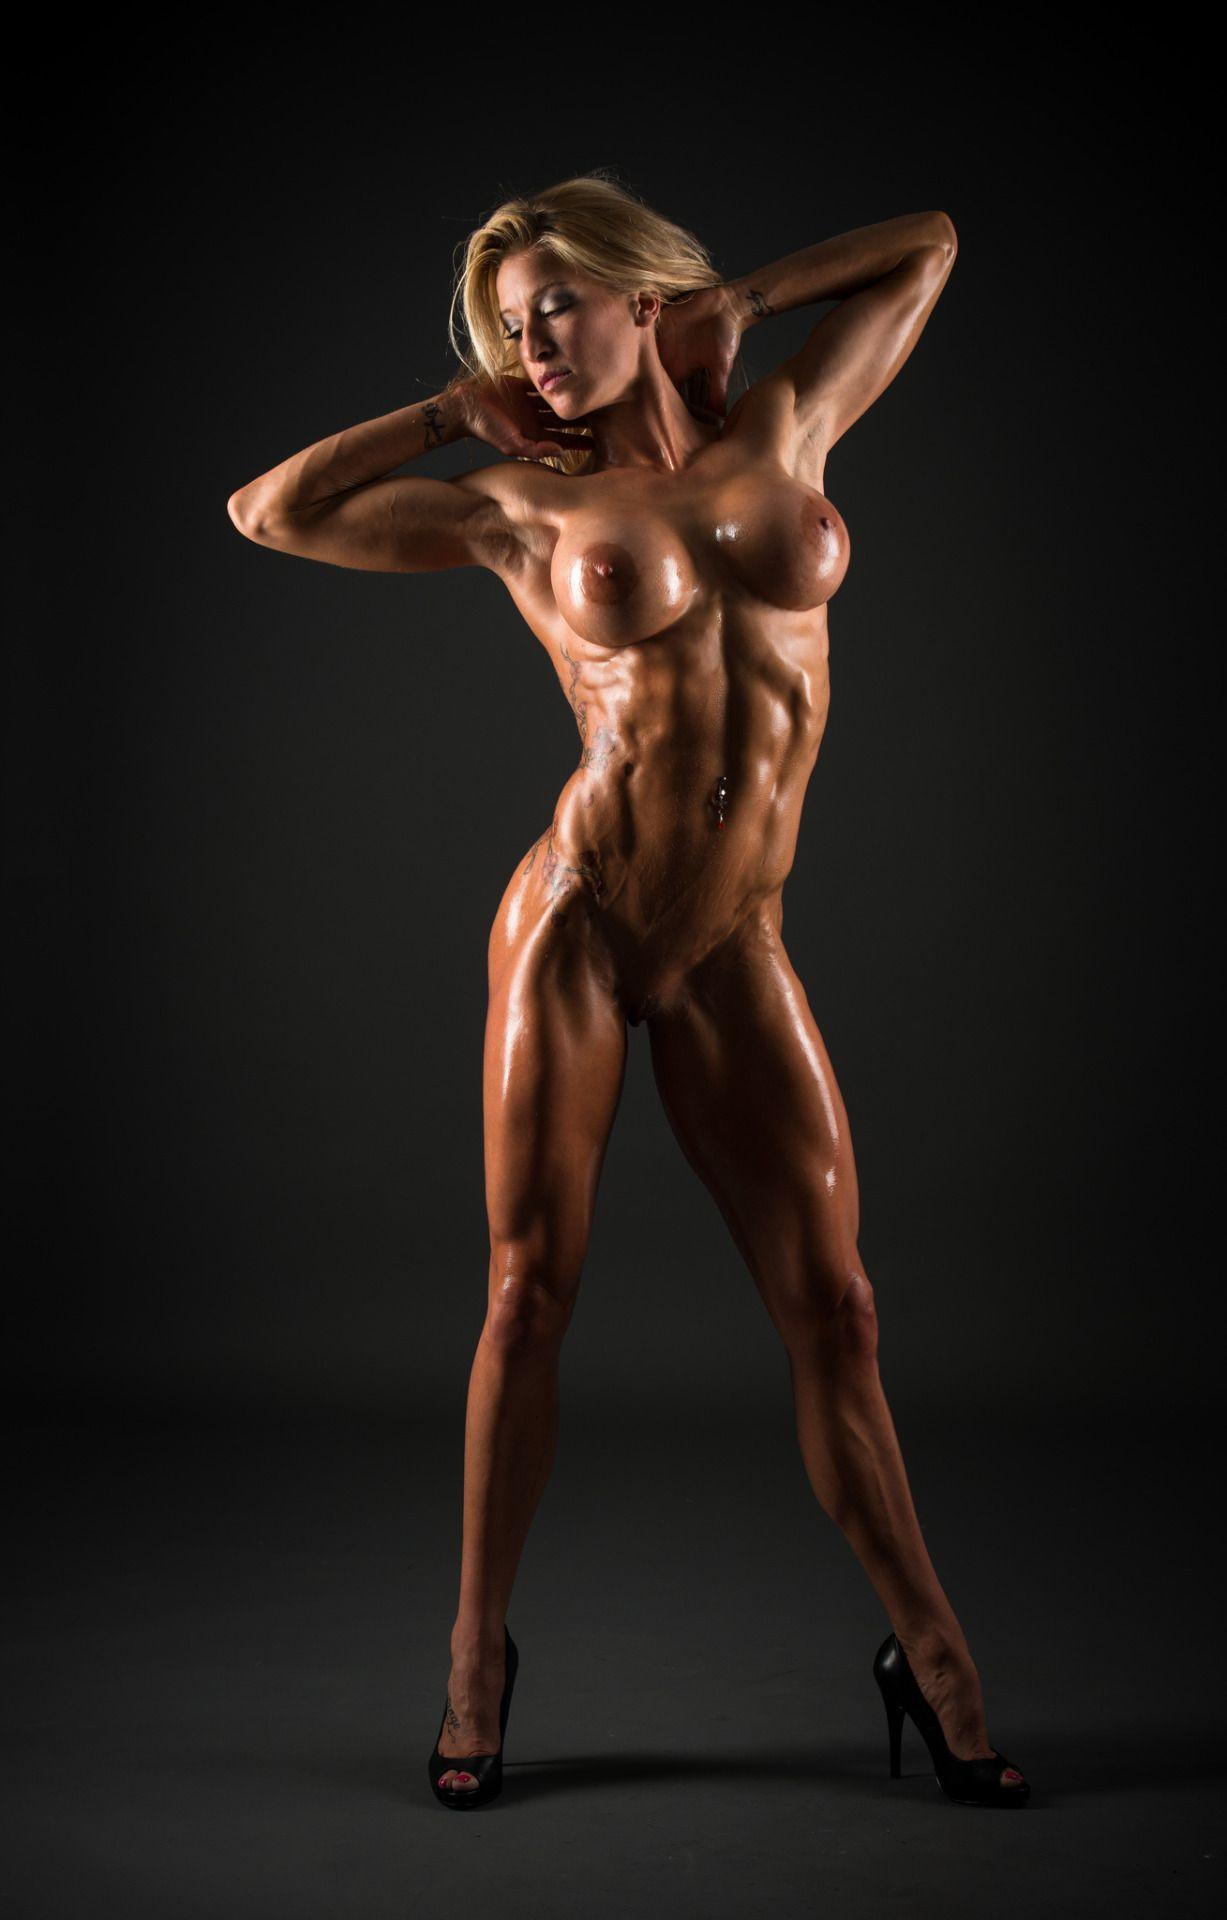 hot naked girls showering outside